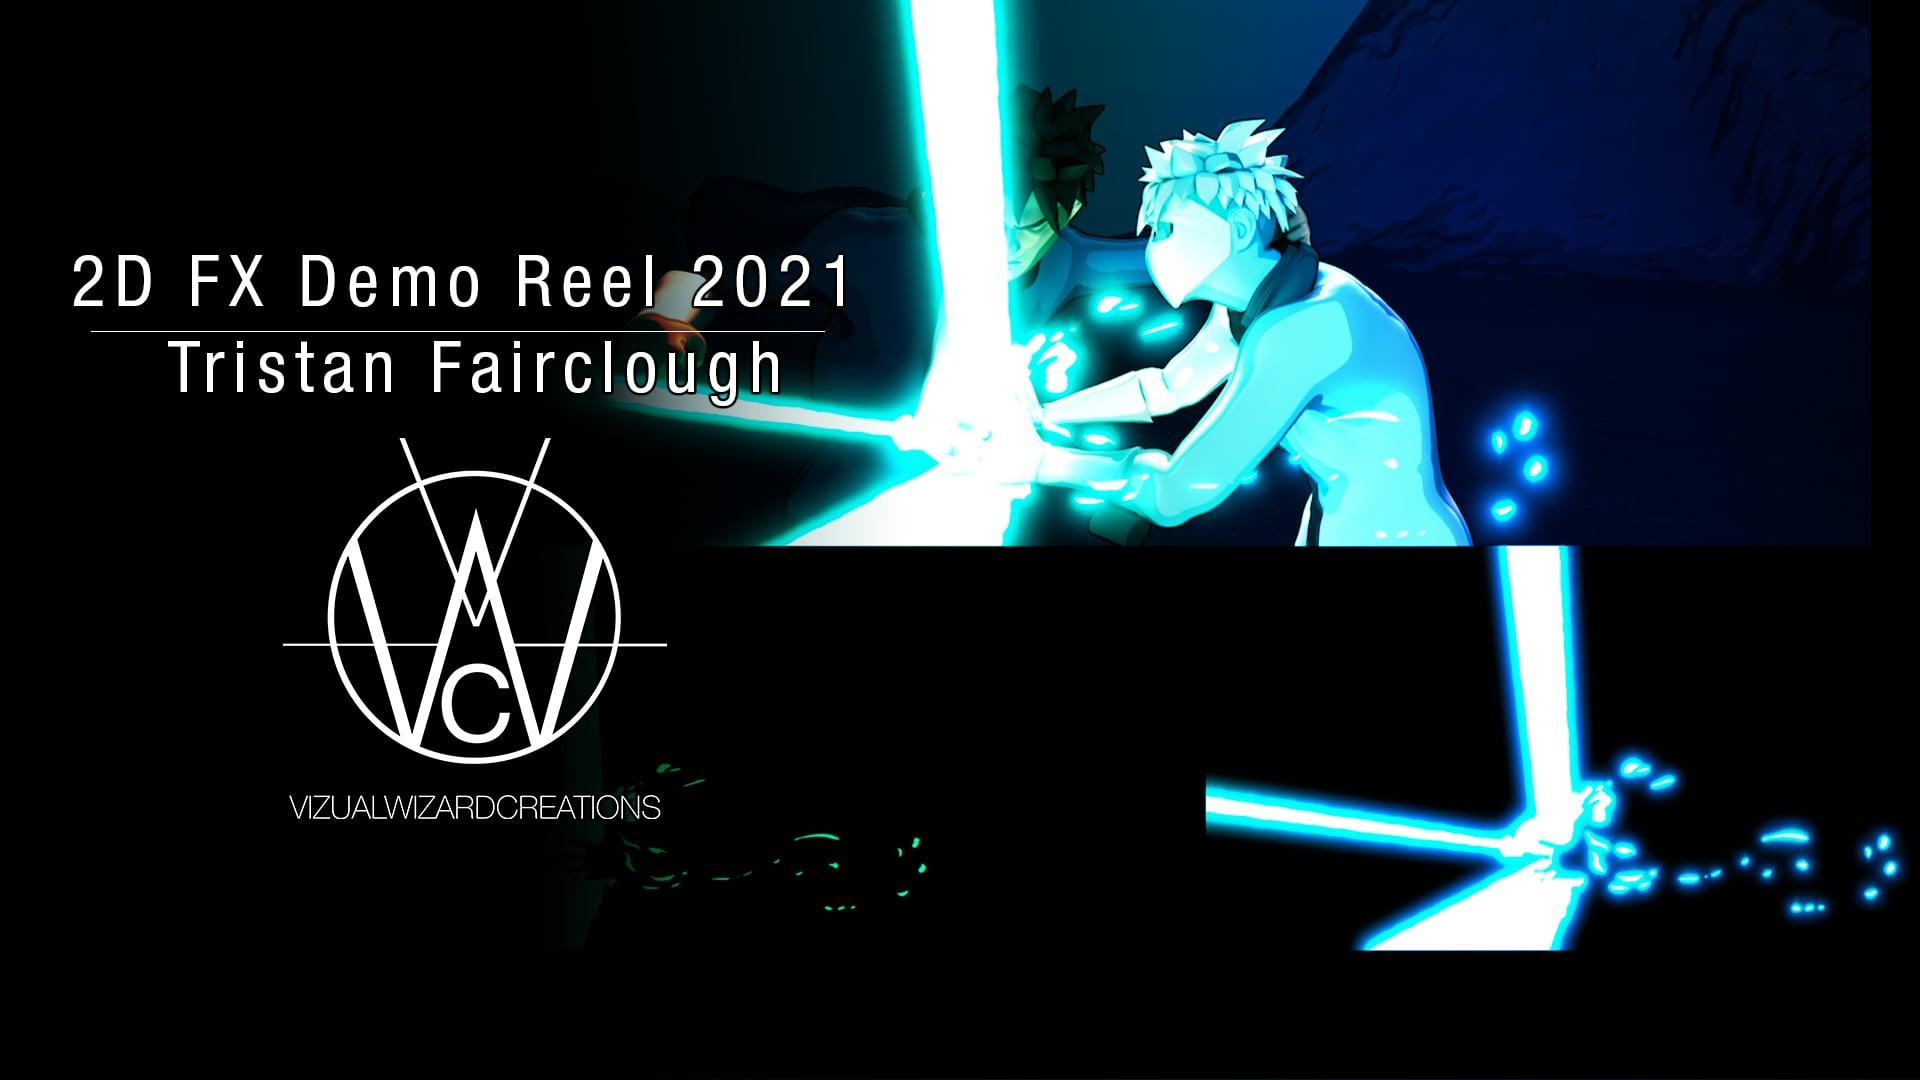 Tristan Fairclough 2DFX DemoReel 2021